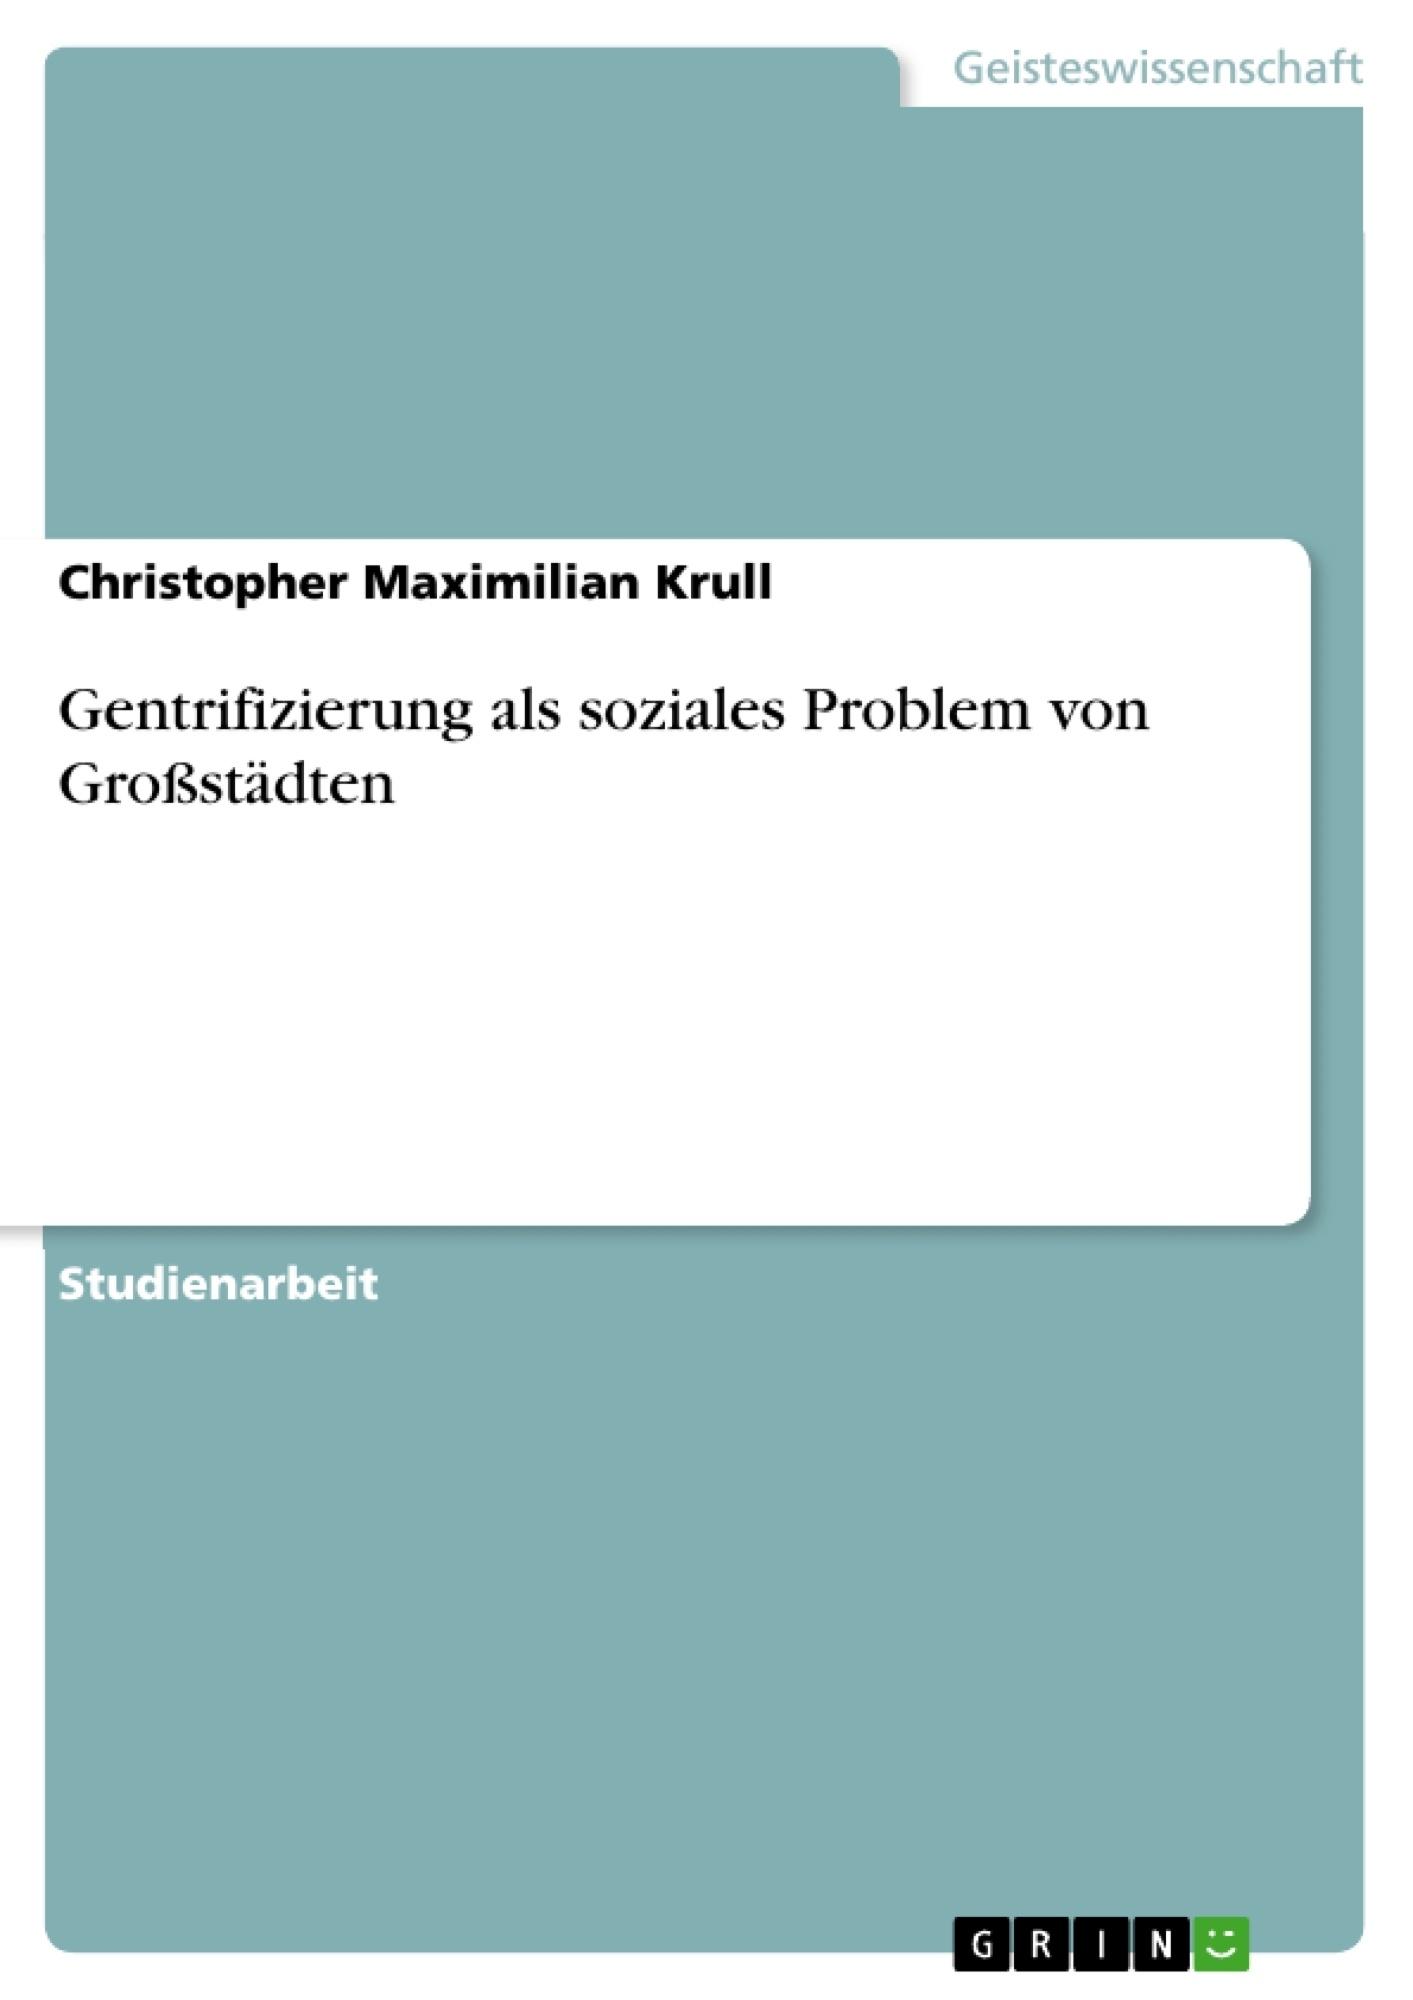 Titel: Gentrifizierung als soziales Problem von Großstädten